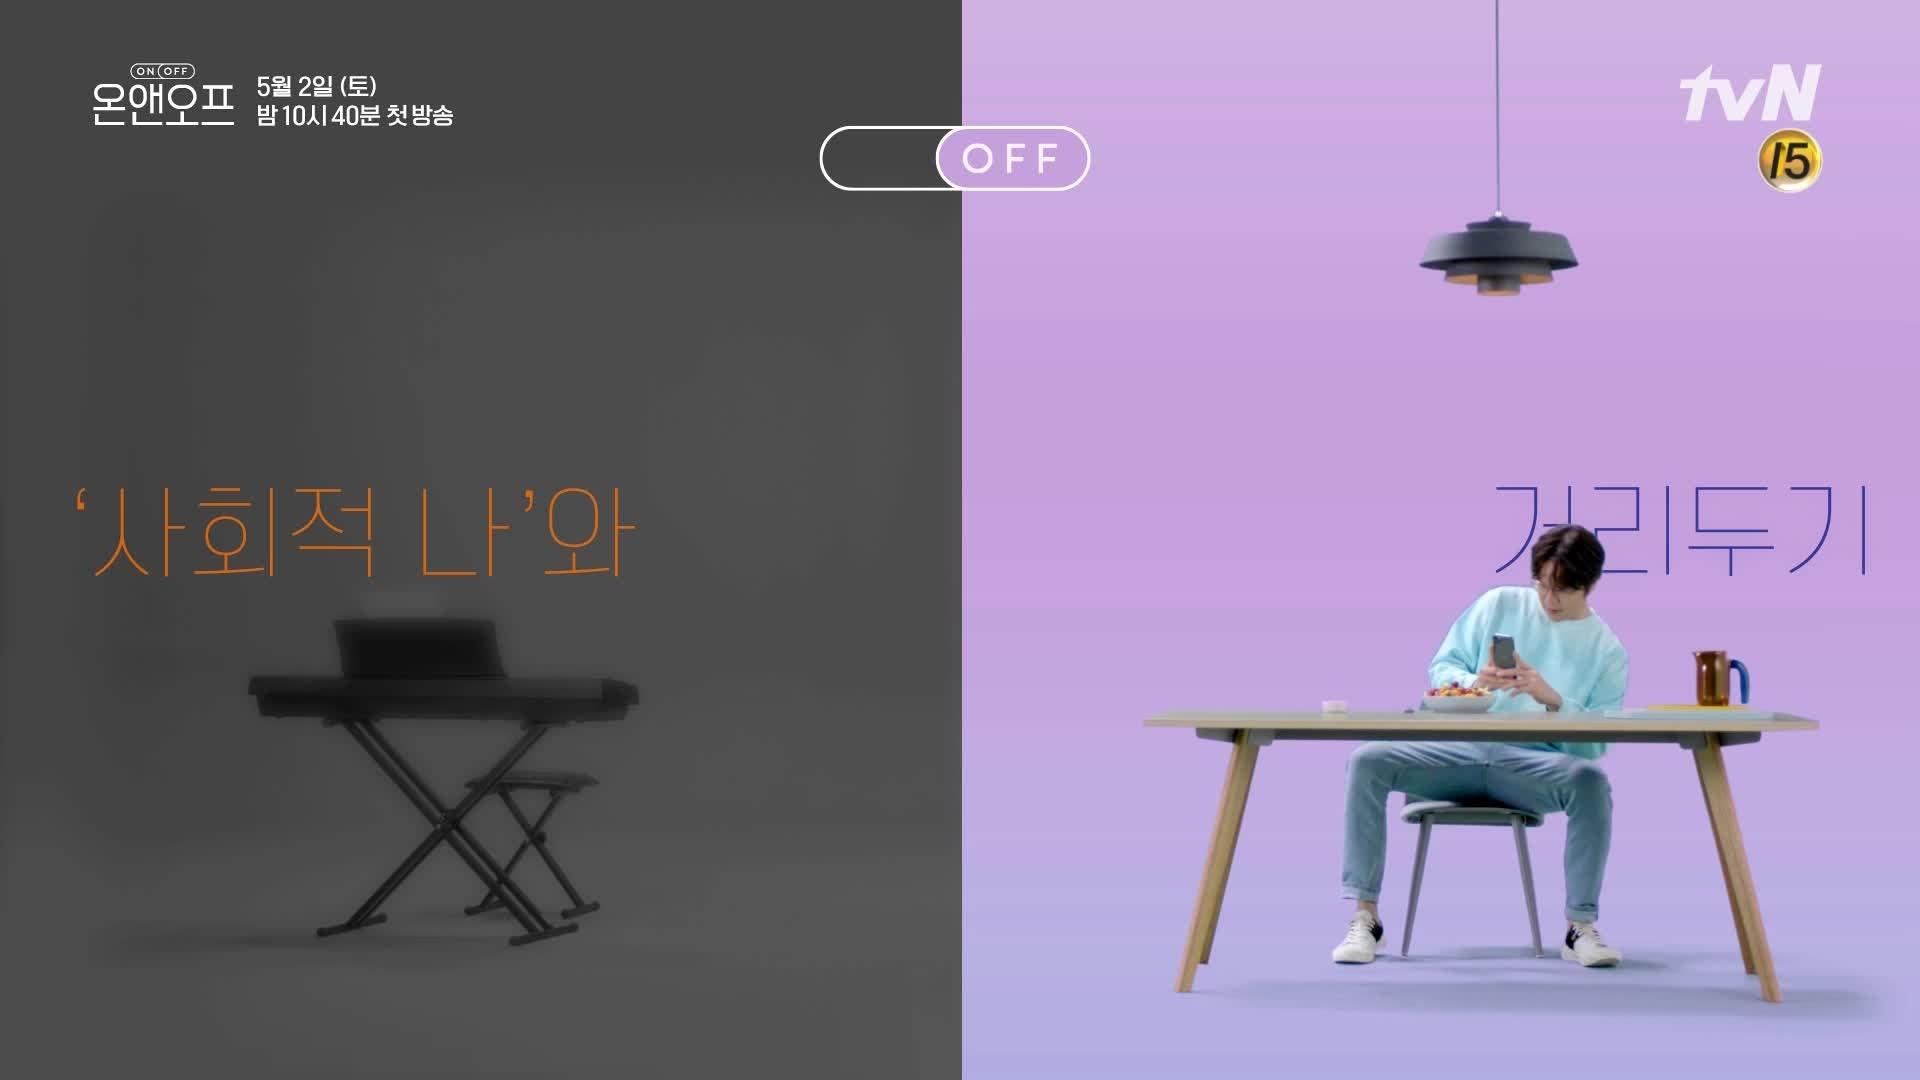 진짜 성시경, '사회적 나'와 거리두기 (ft.인스타가 제일좋아)